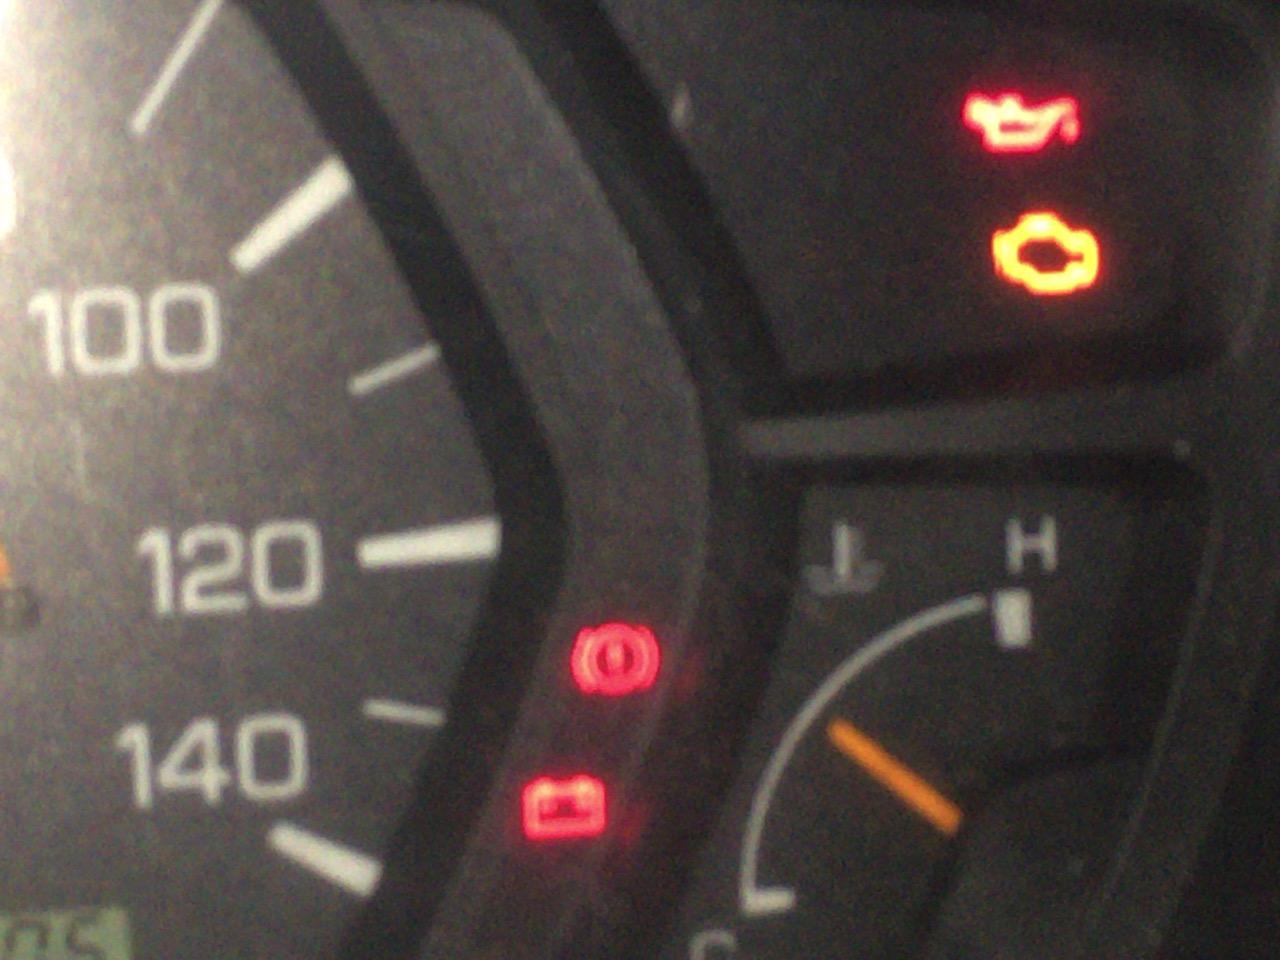 エンジン オイル 警告 灯 エンジンオイルの警告灯が点く理由とは?対処法や予防策を解説